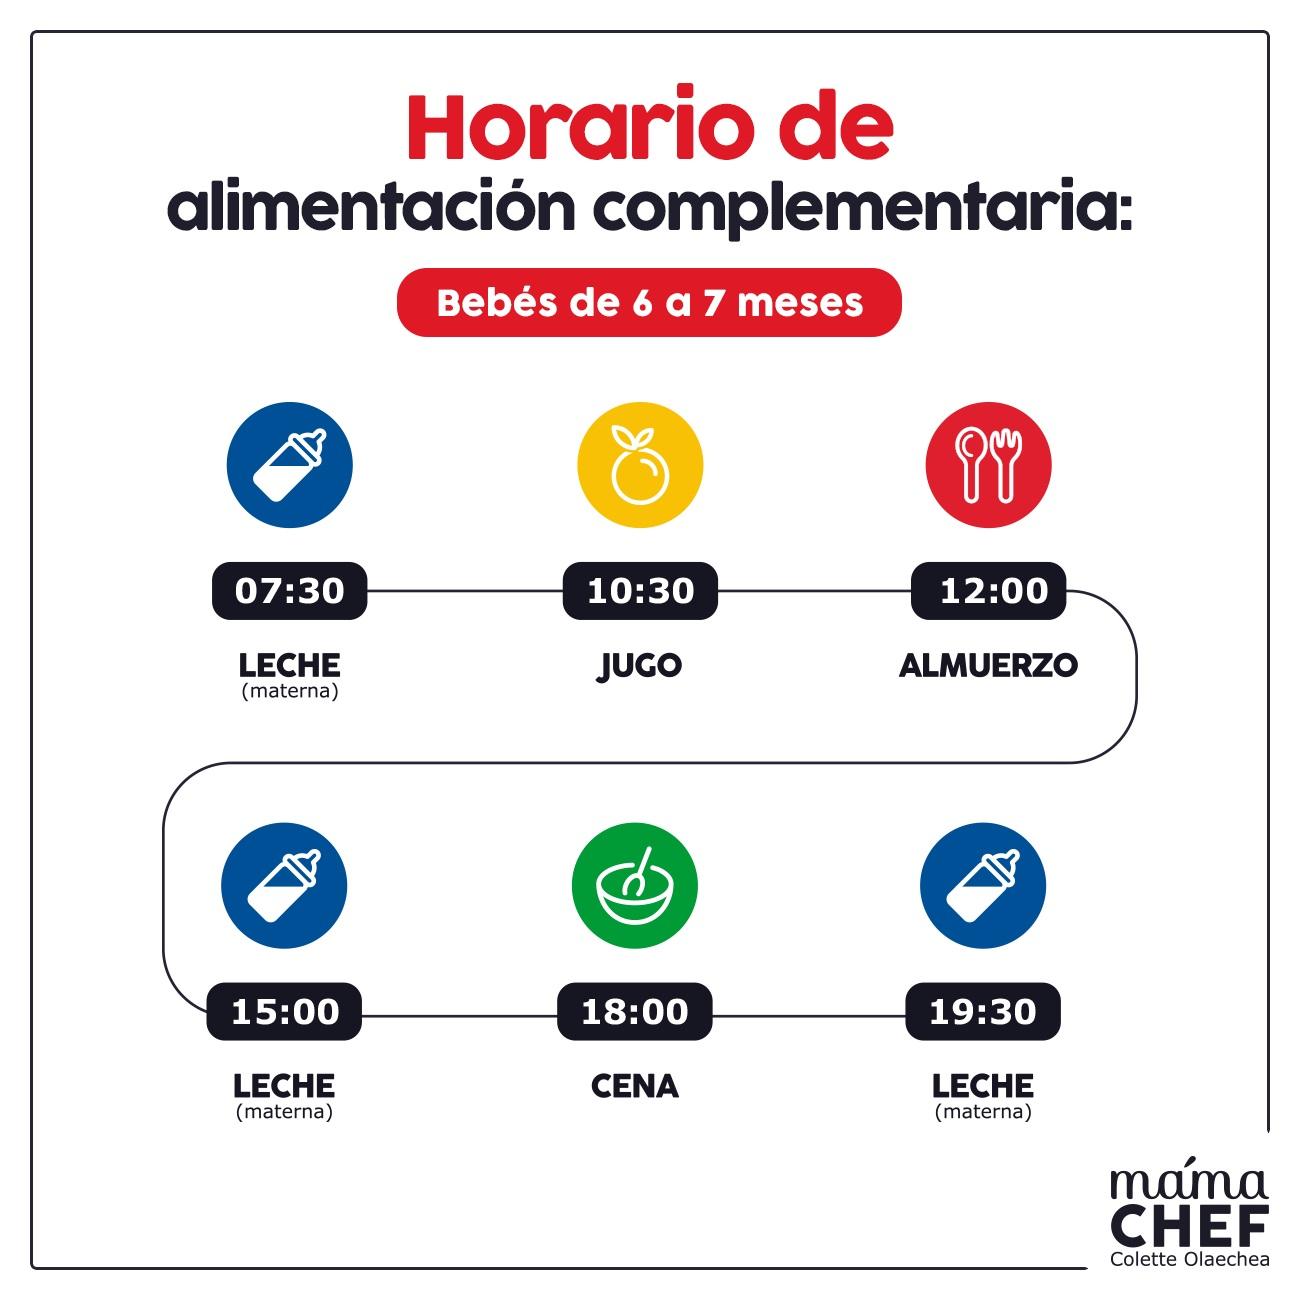 Papillas Alimentos permitidos bebes 6 meses Mama Chef Colette Olaechea horarios